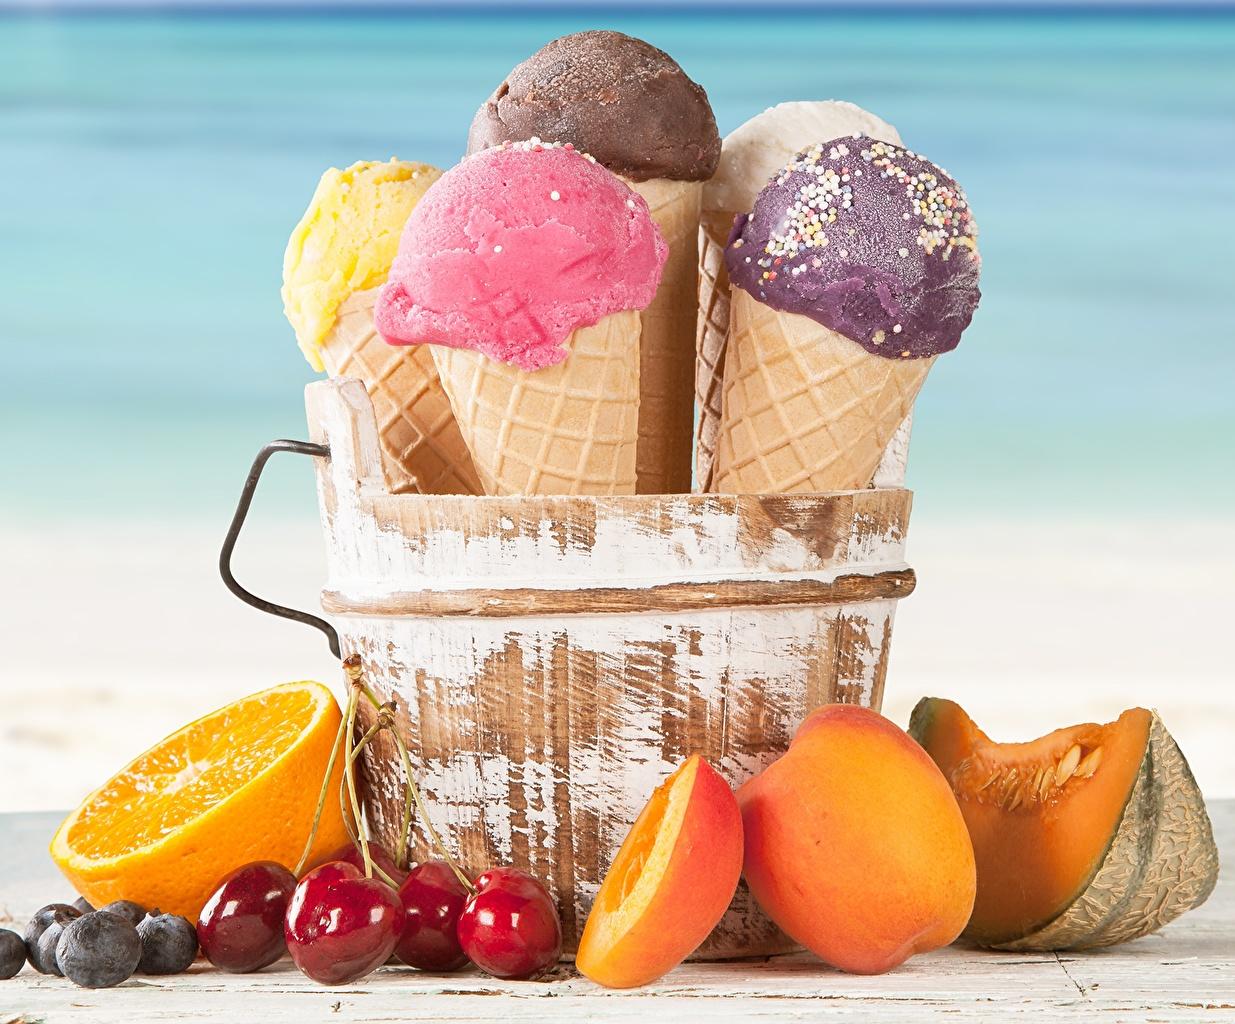 Картинки Продукты питания Апельсин Мороженое Черешня Персики Вафельный рожок Еда Пища Вишня